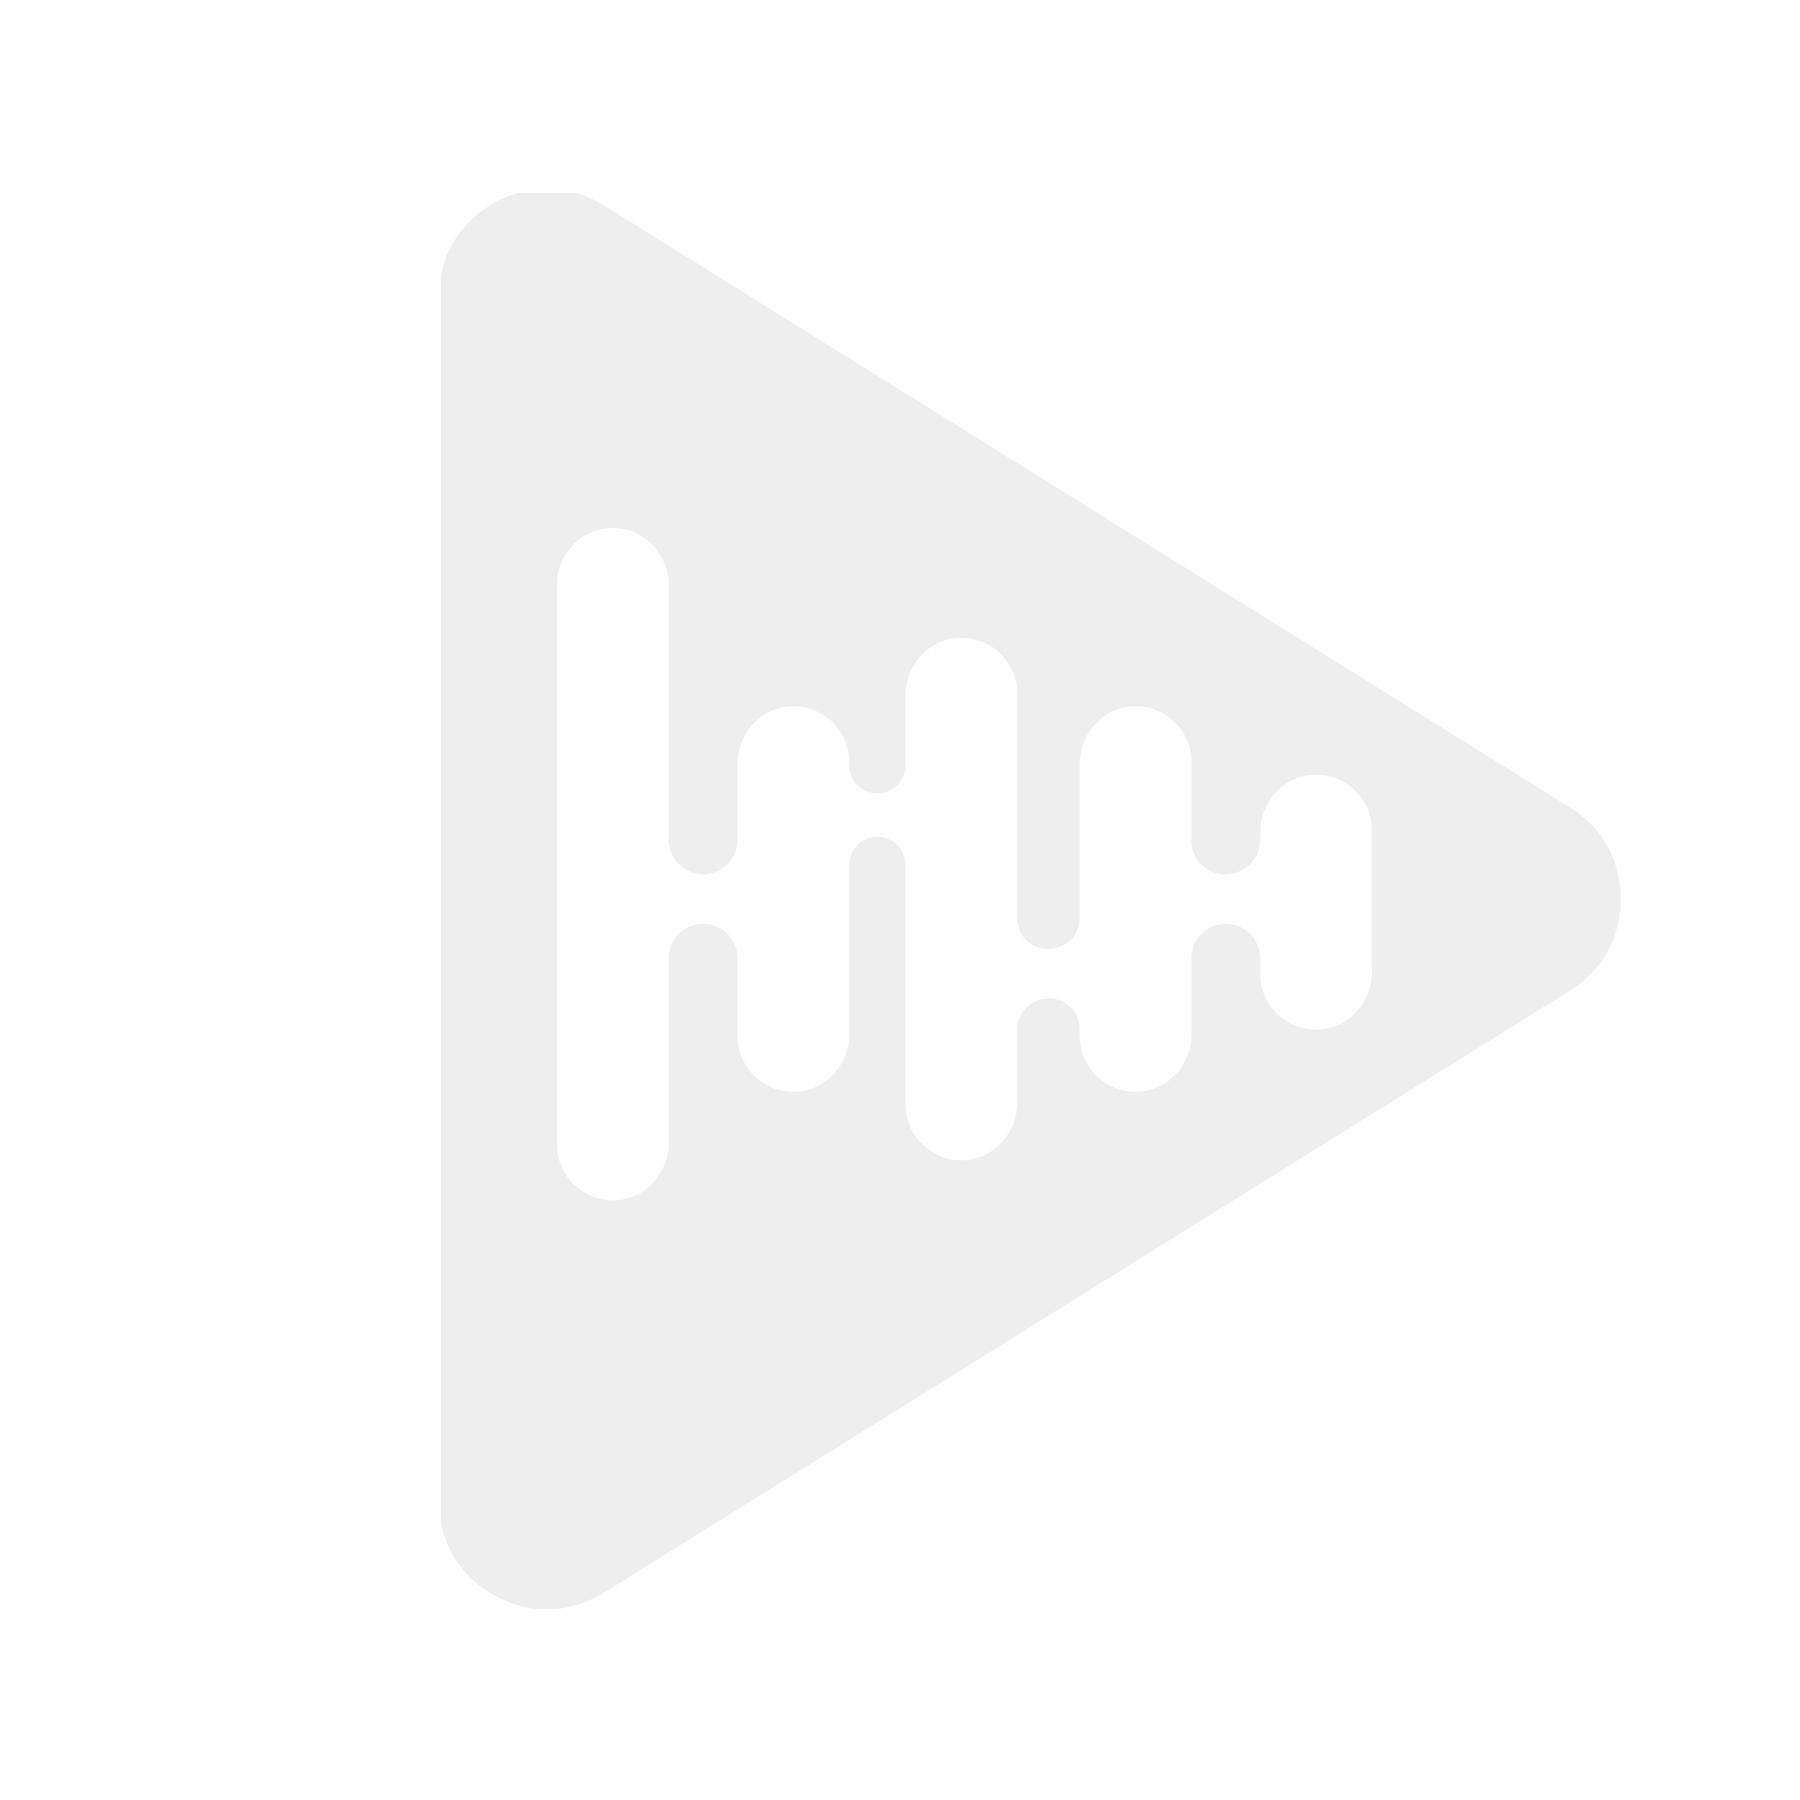 Skoddejuice Marshmallow Aroma